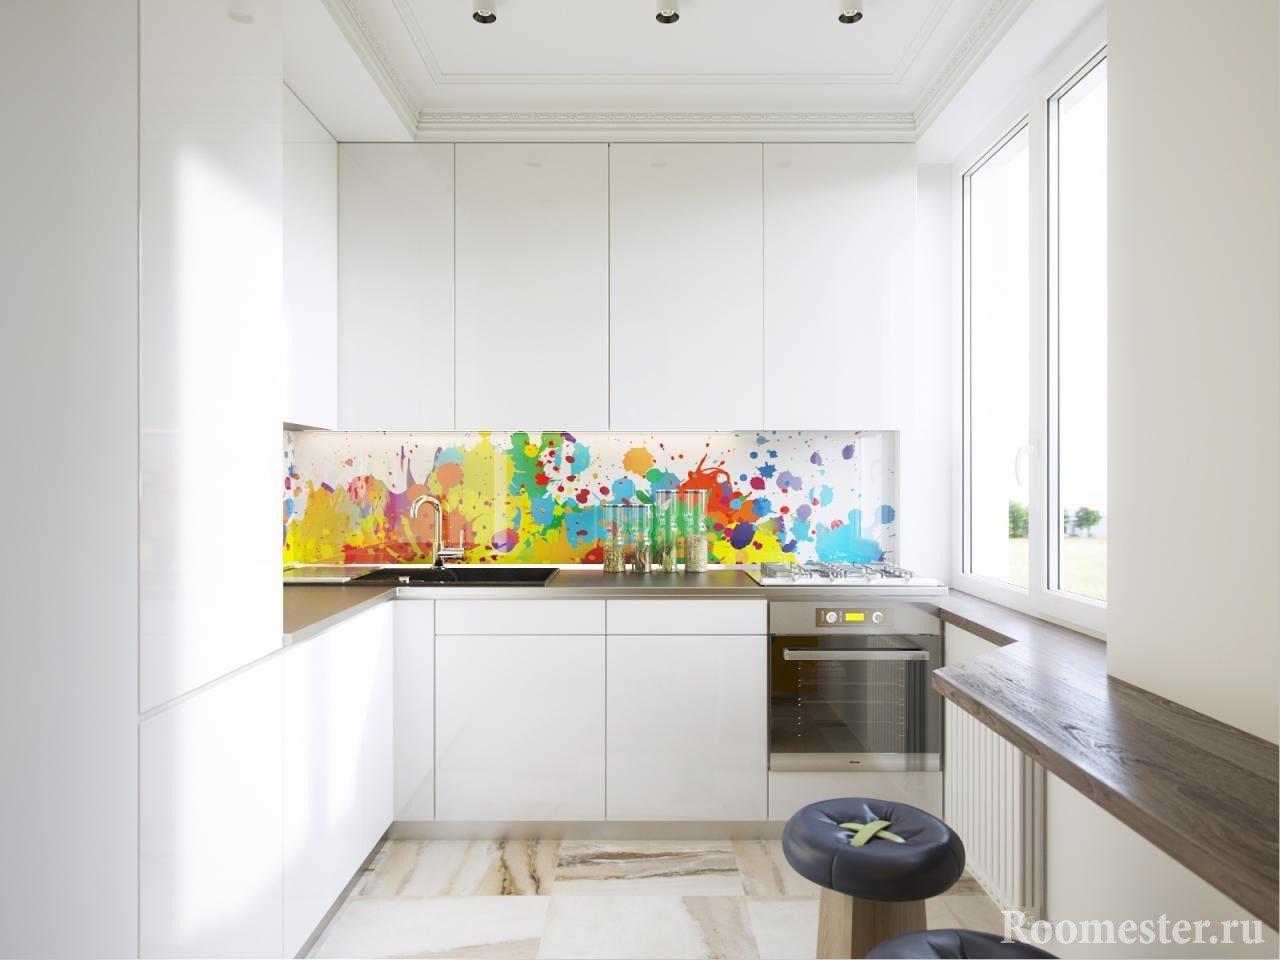 Цветной стеклянный фартук в белой кухне